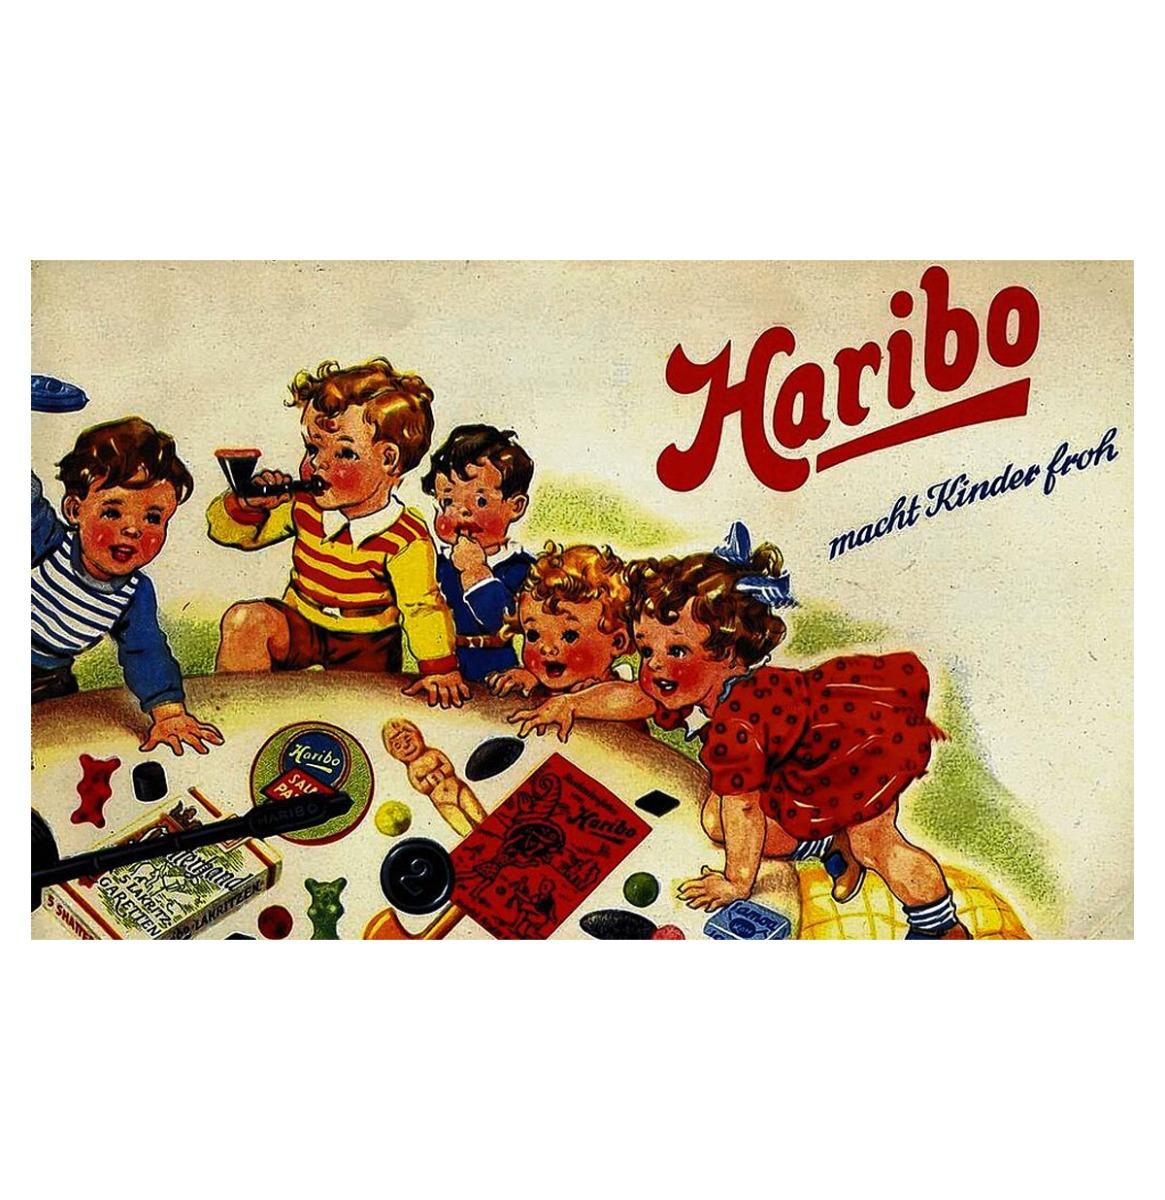 Fiftiesstore Haribo Macht Kinder Froh Metalen Bord 30 x 20 cm